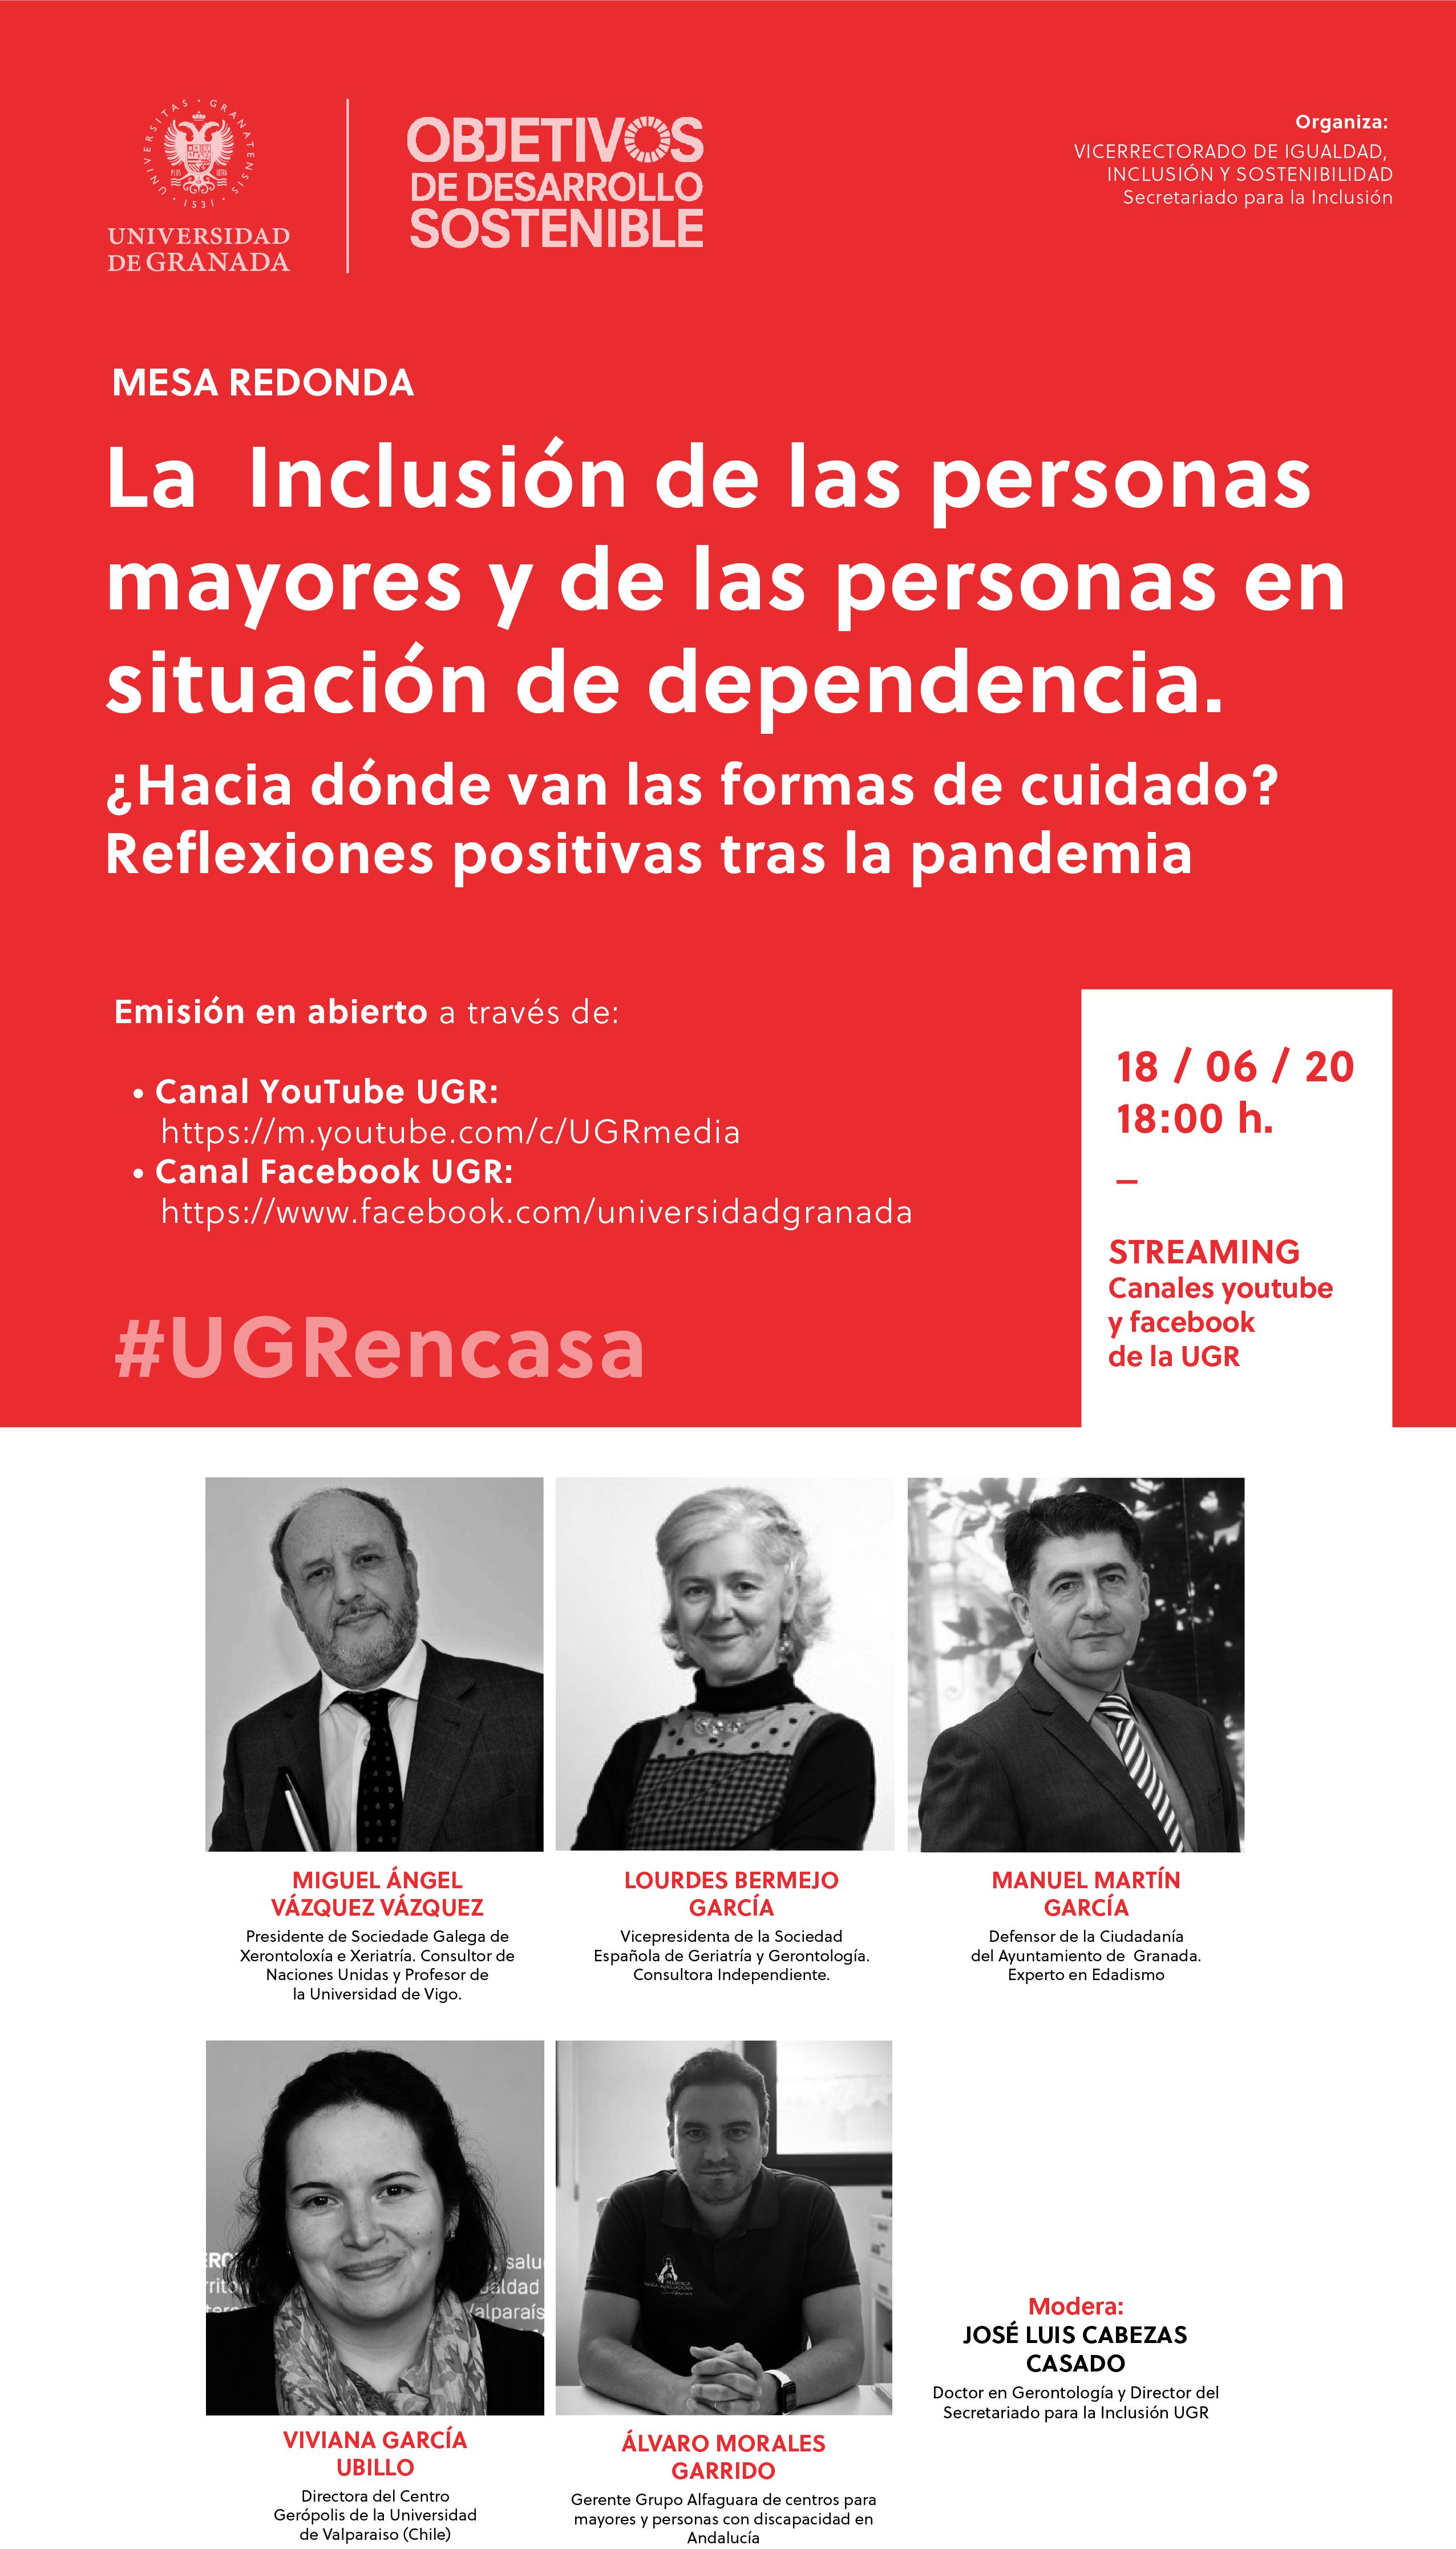 """La UGR organiza la mesa redonda """"La Inclusión de las personas mayores y de las personas en situación de dependencia"""""""